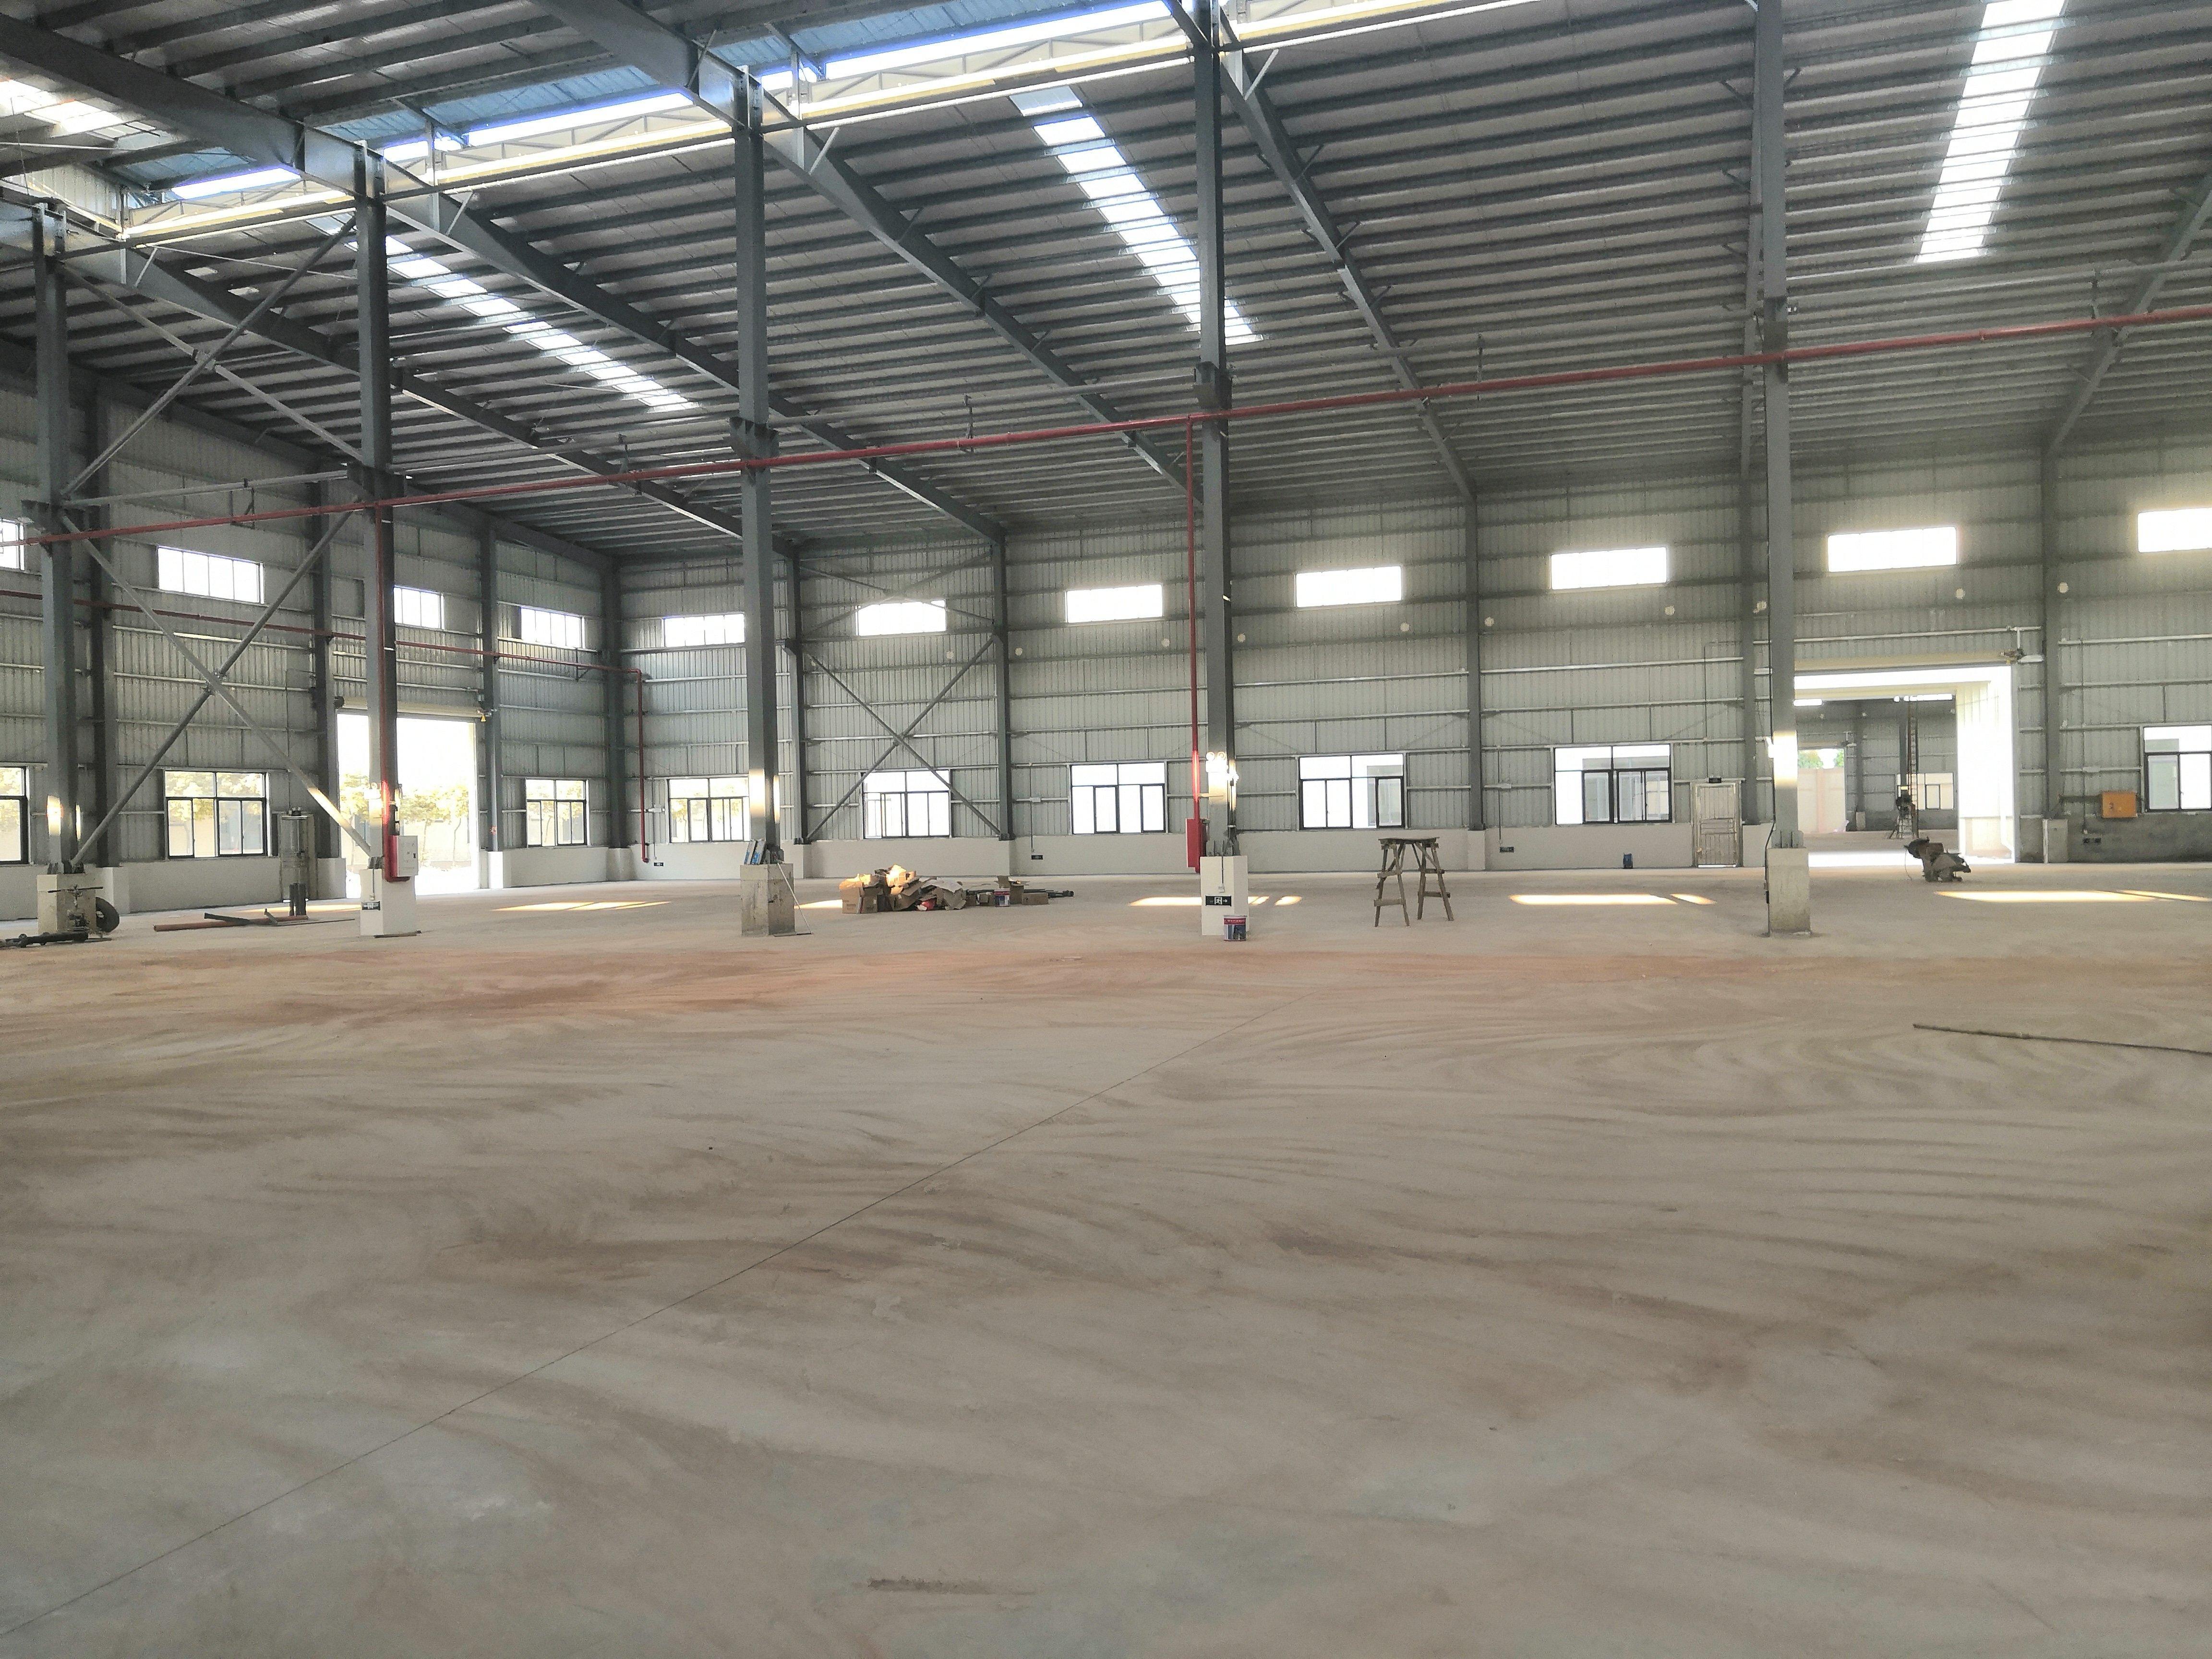 平潭镇原房东独院重工业12米滴水厂房5栋加两栋宿舍